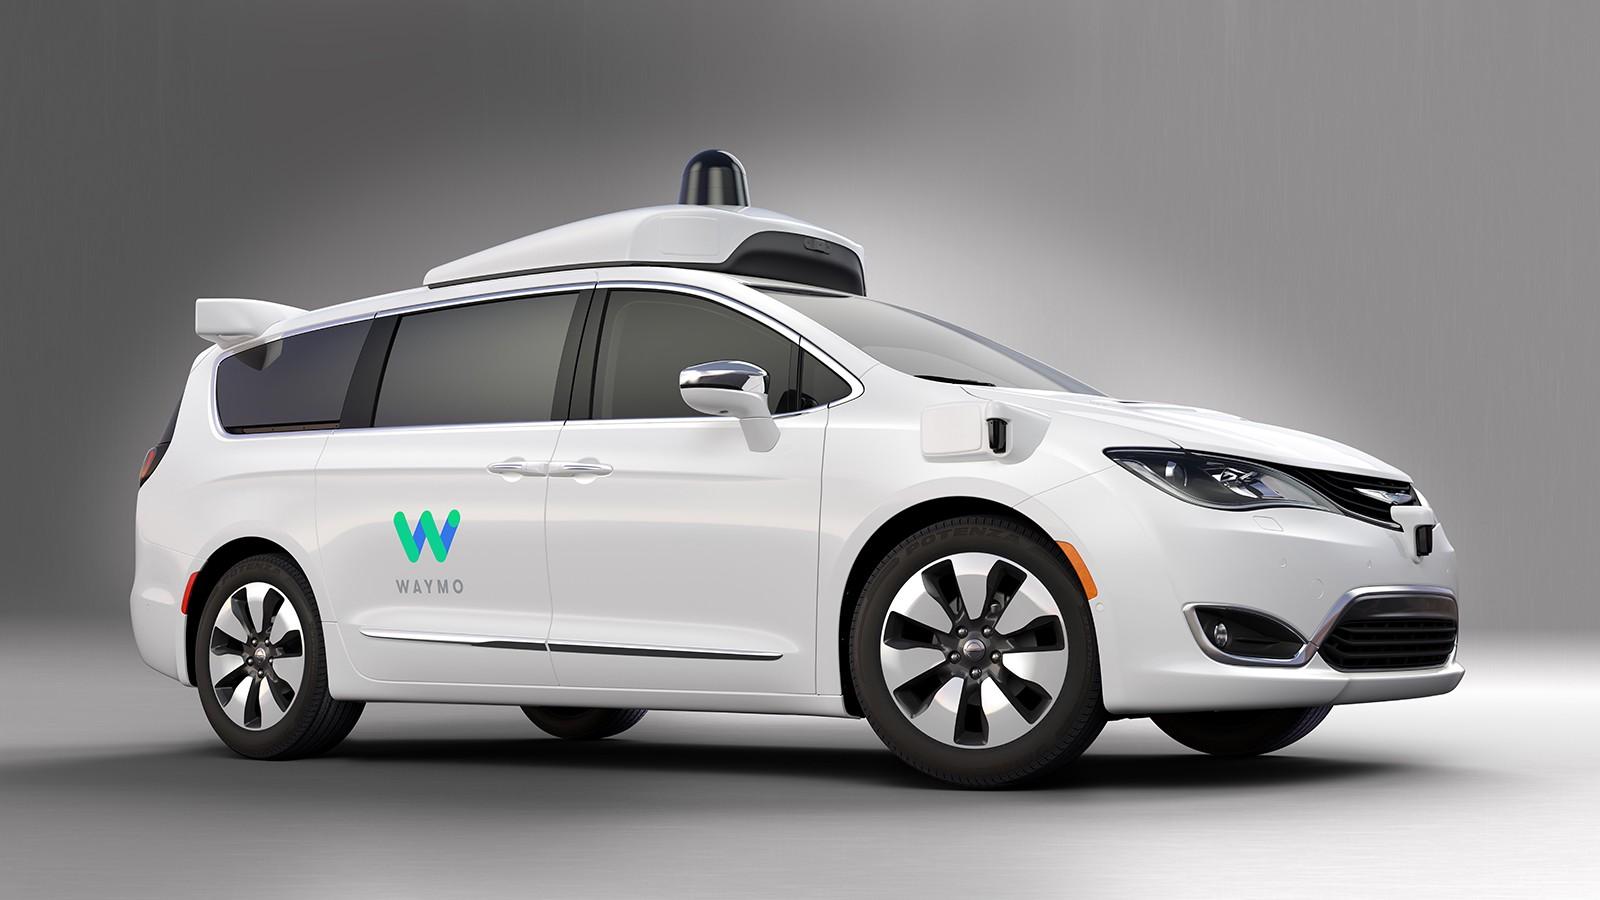 شركة ليفت للنقل التشاركي تتعاون مع غوغل في مجال أنظمة القيادة الذاتية